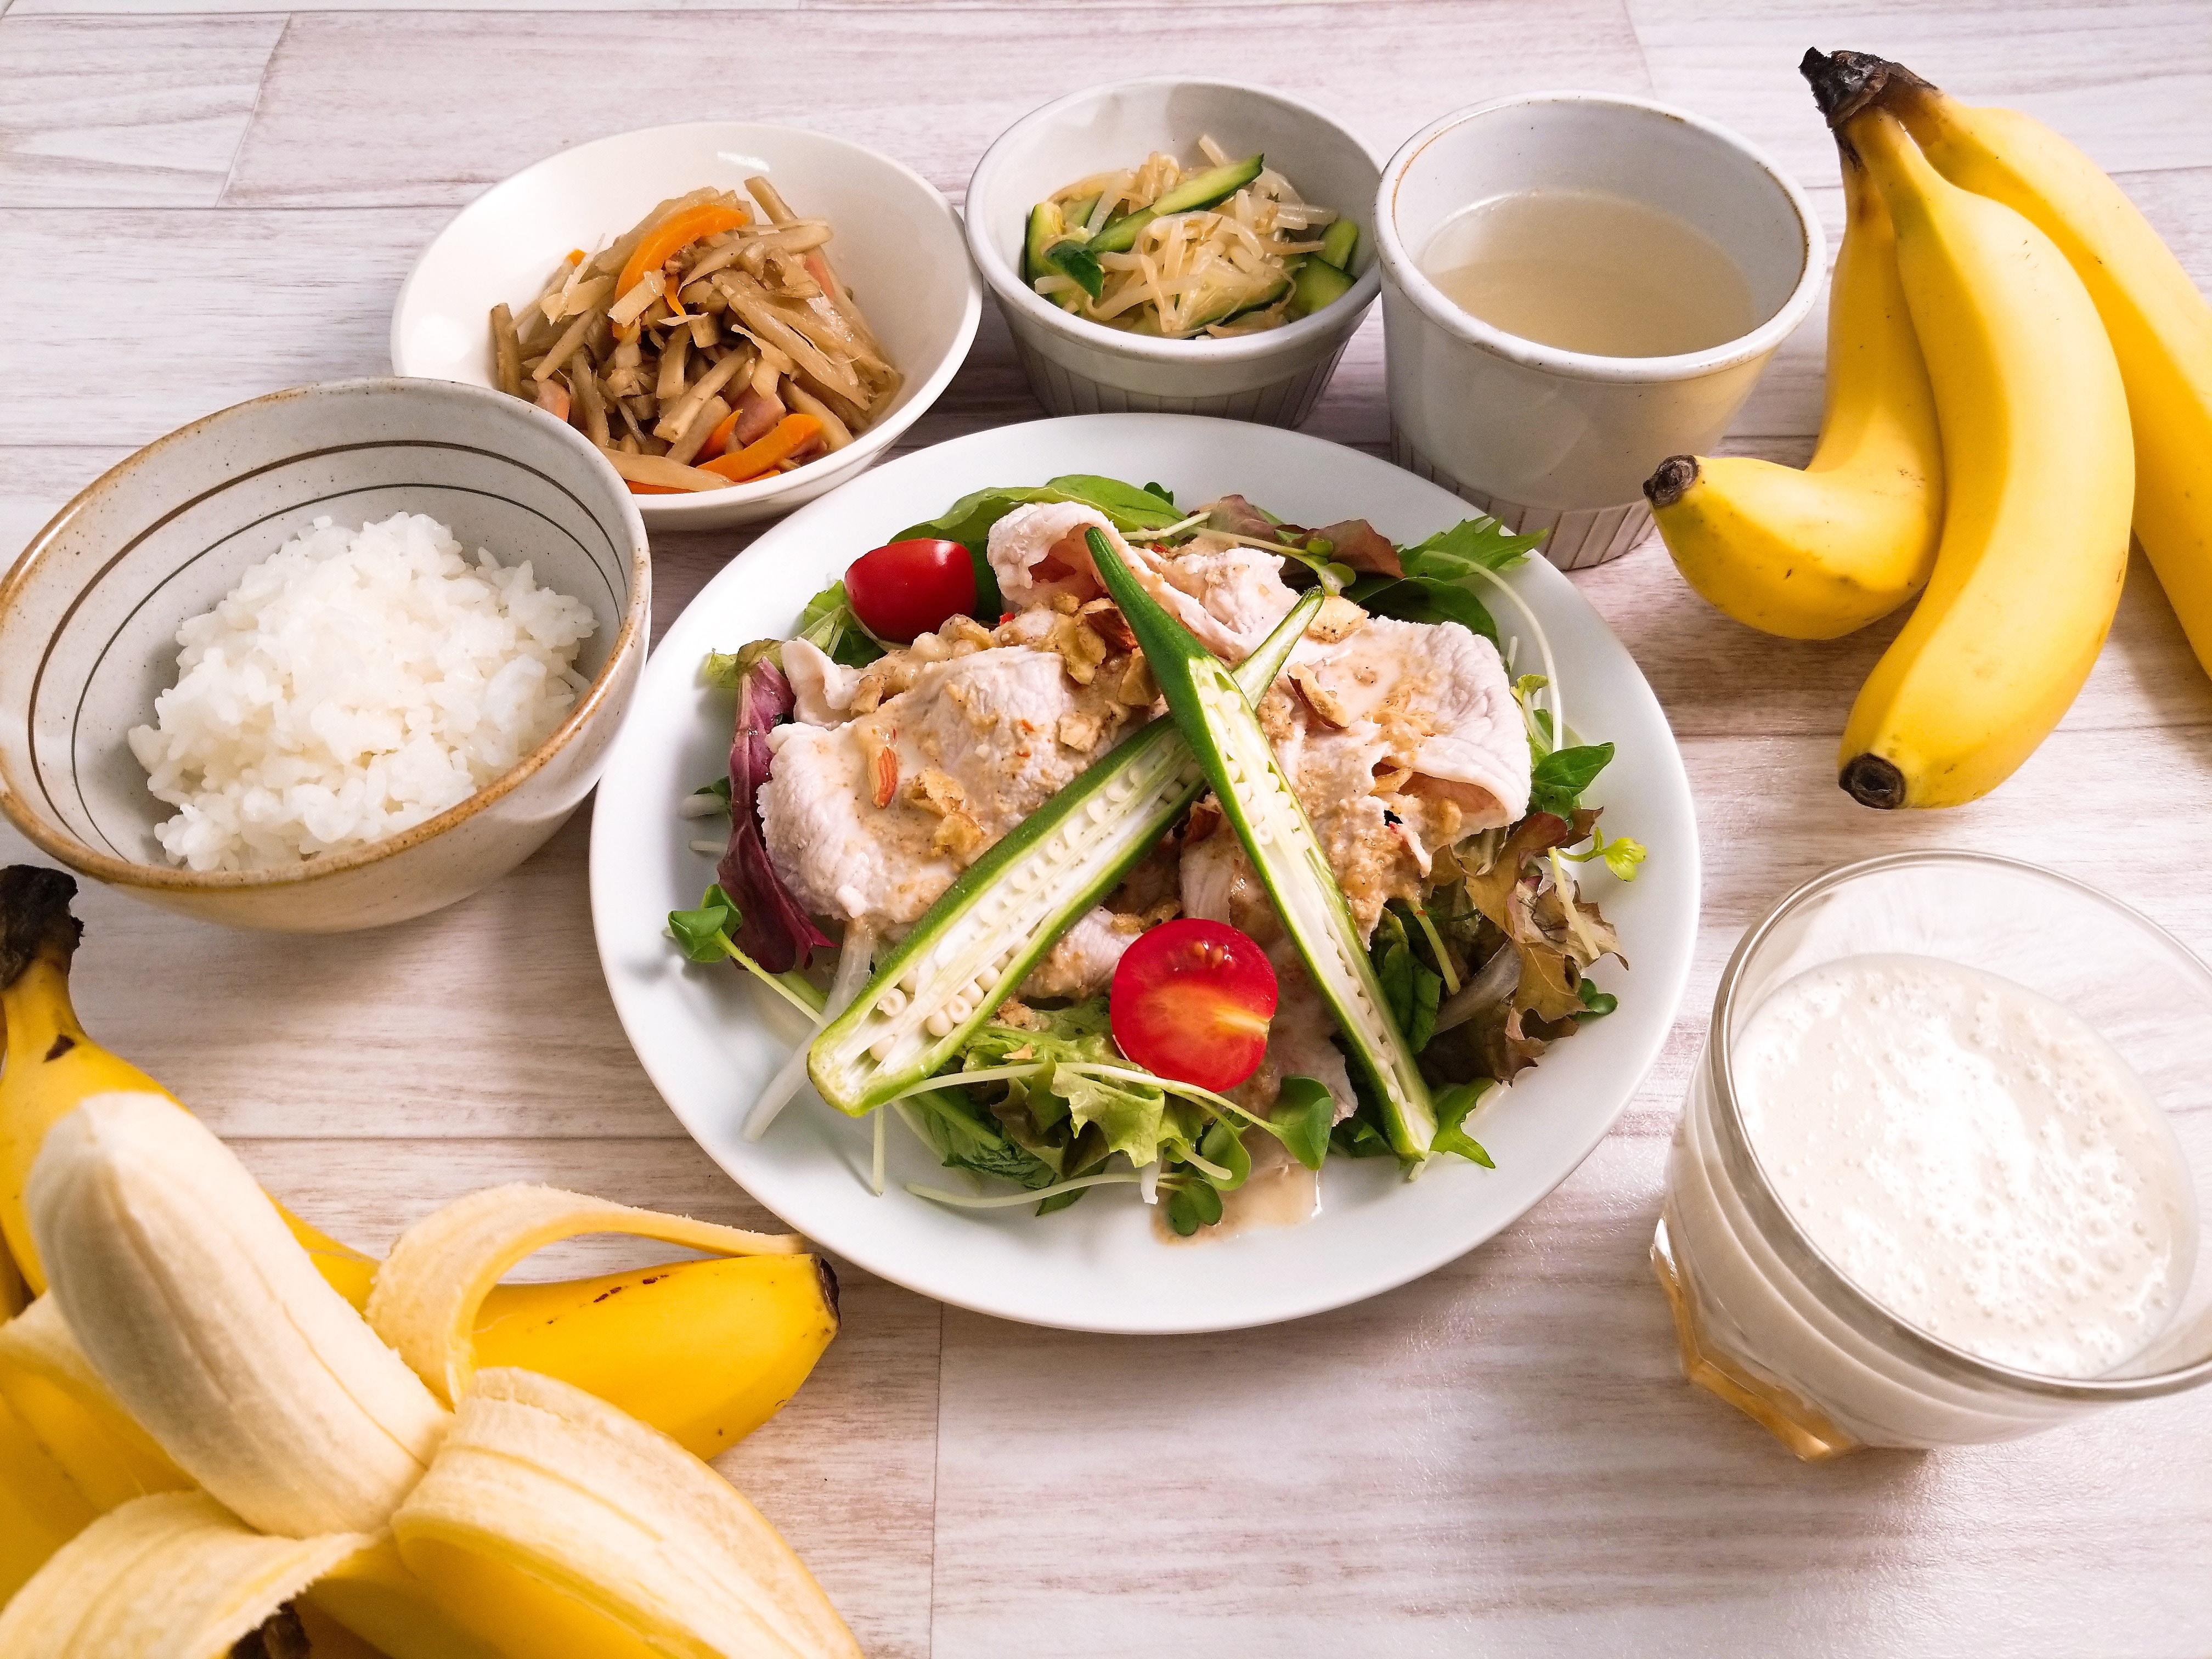 8月5日から8月10日まで「丸の内タニタ食堂」で「BANANA WEEK]を開催 週替わり定食「